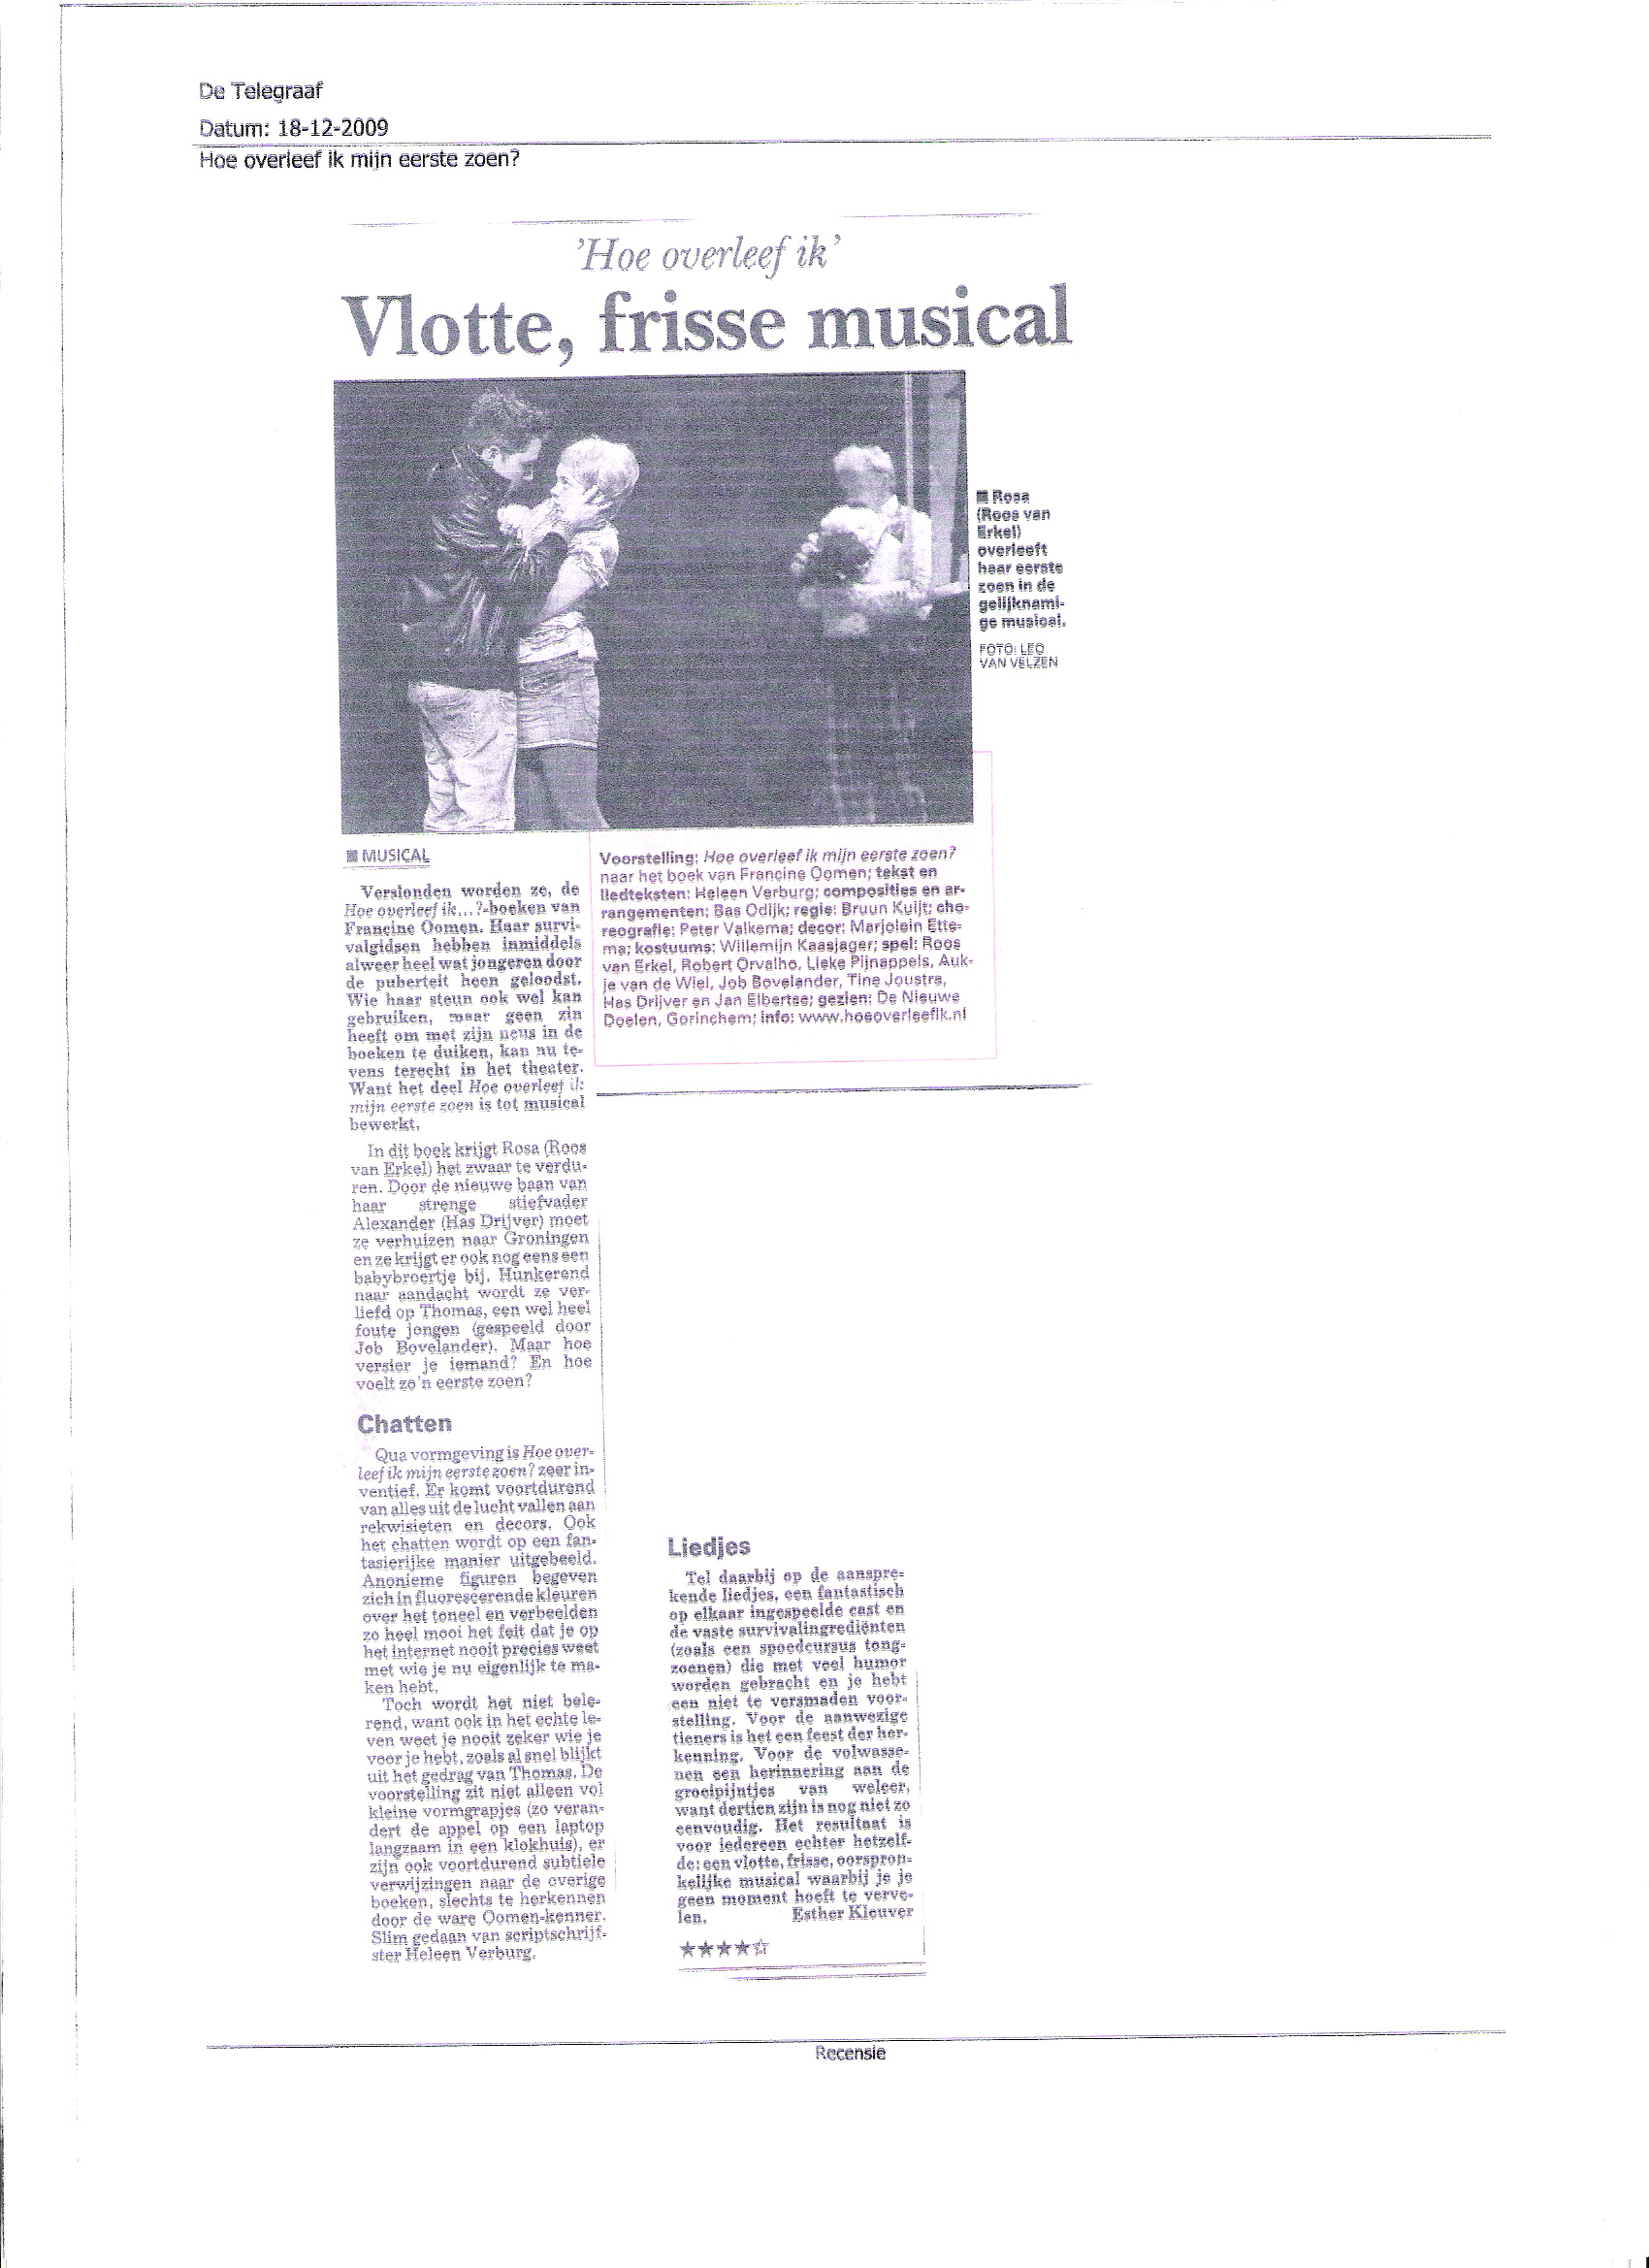 De Telegraaf 18 december 2009